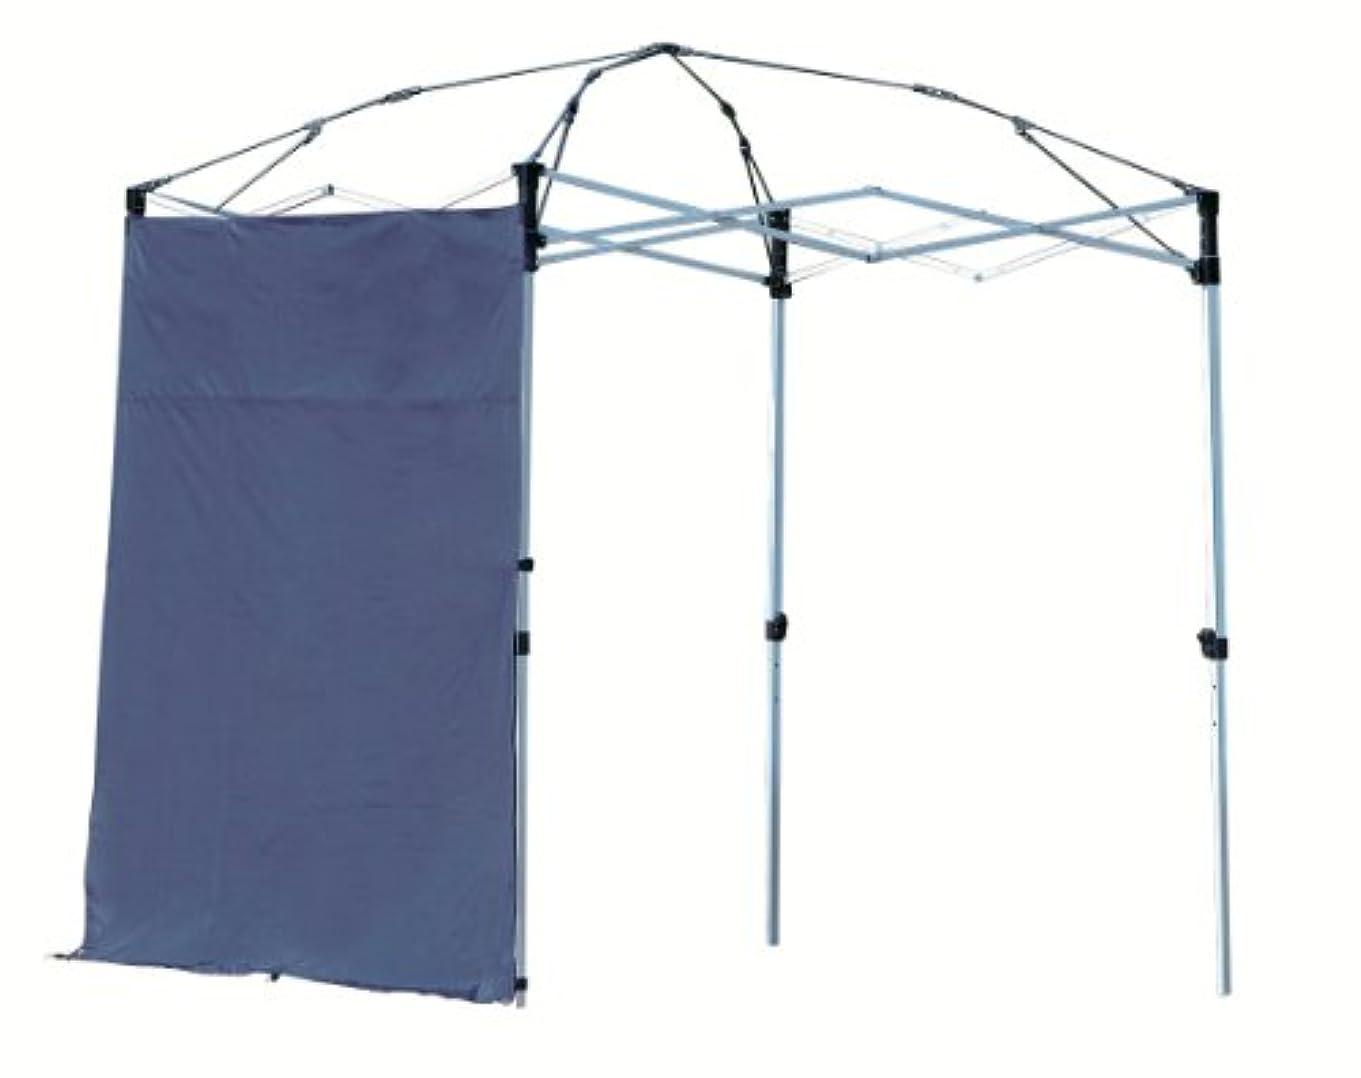 バス実験的性差別キャプテンスタッグ(CAPTAIN STAG) テント タープ サンシェルター サイドパネル250UV- S ネイビーM-3285